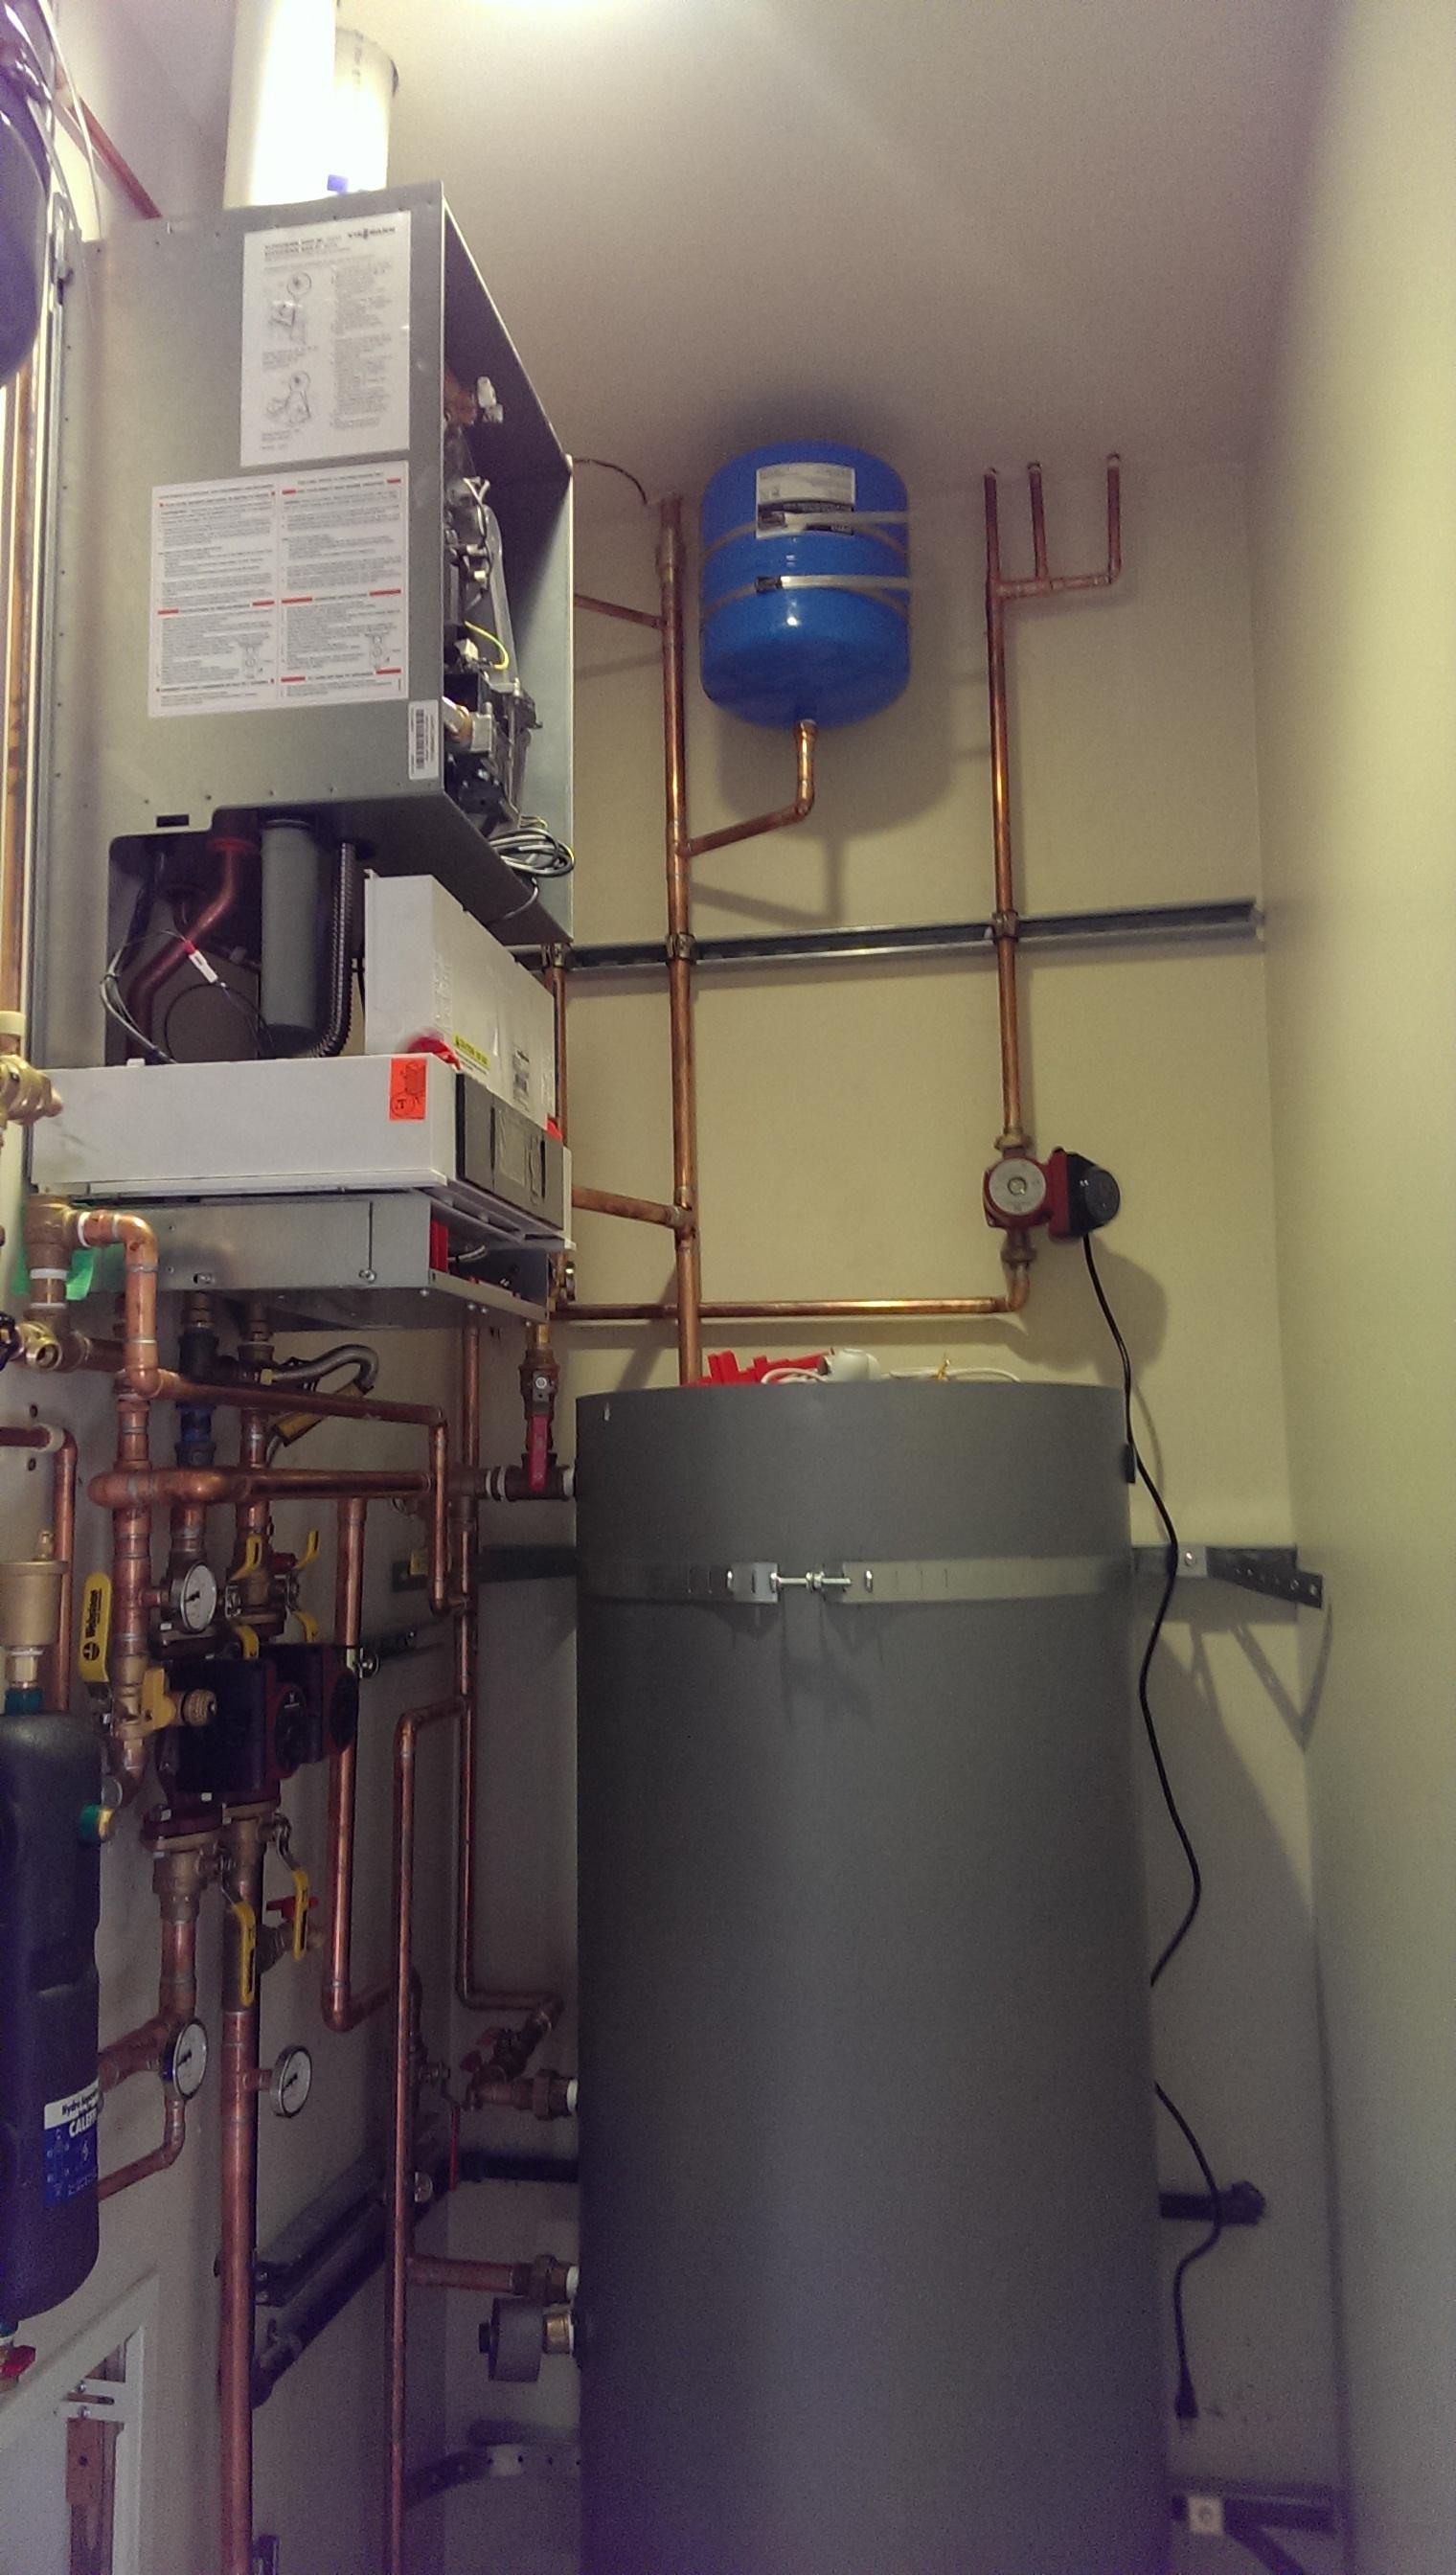 9-16-003 - Boiler System